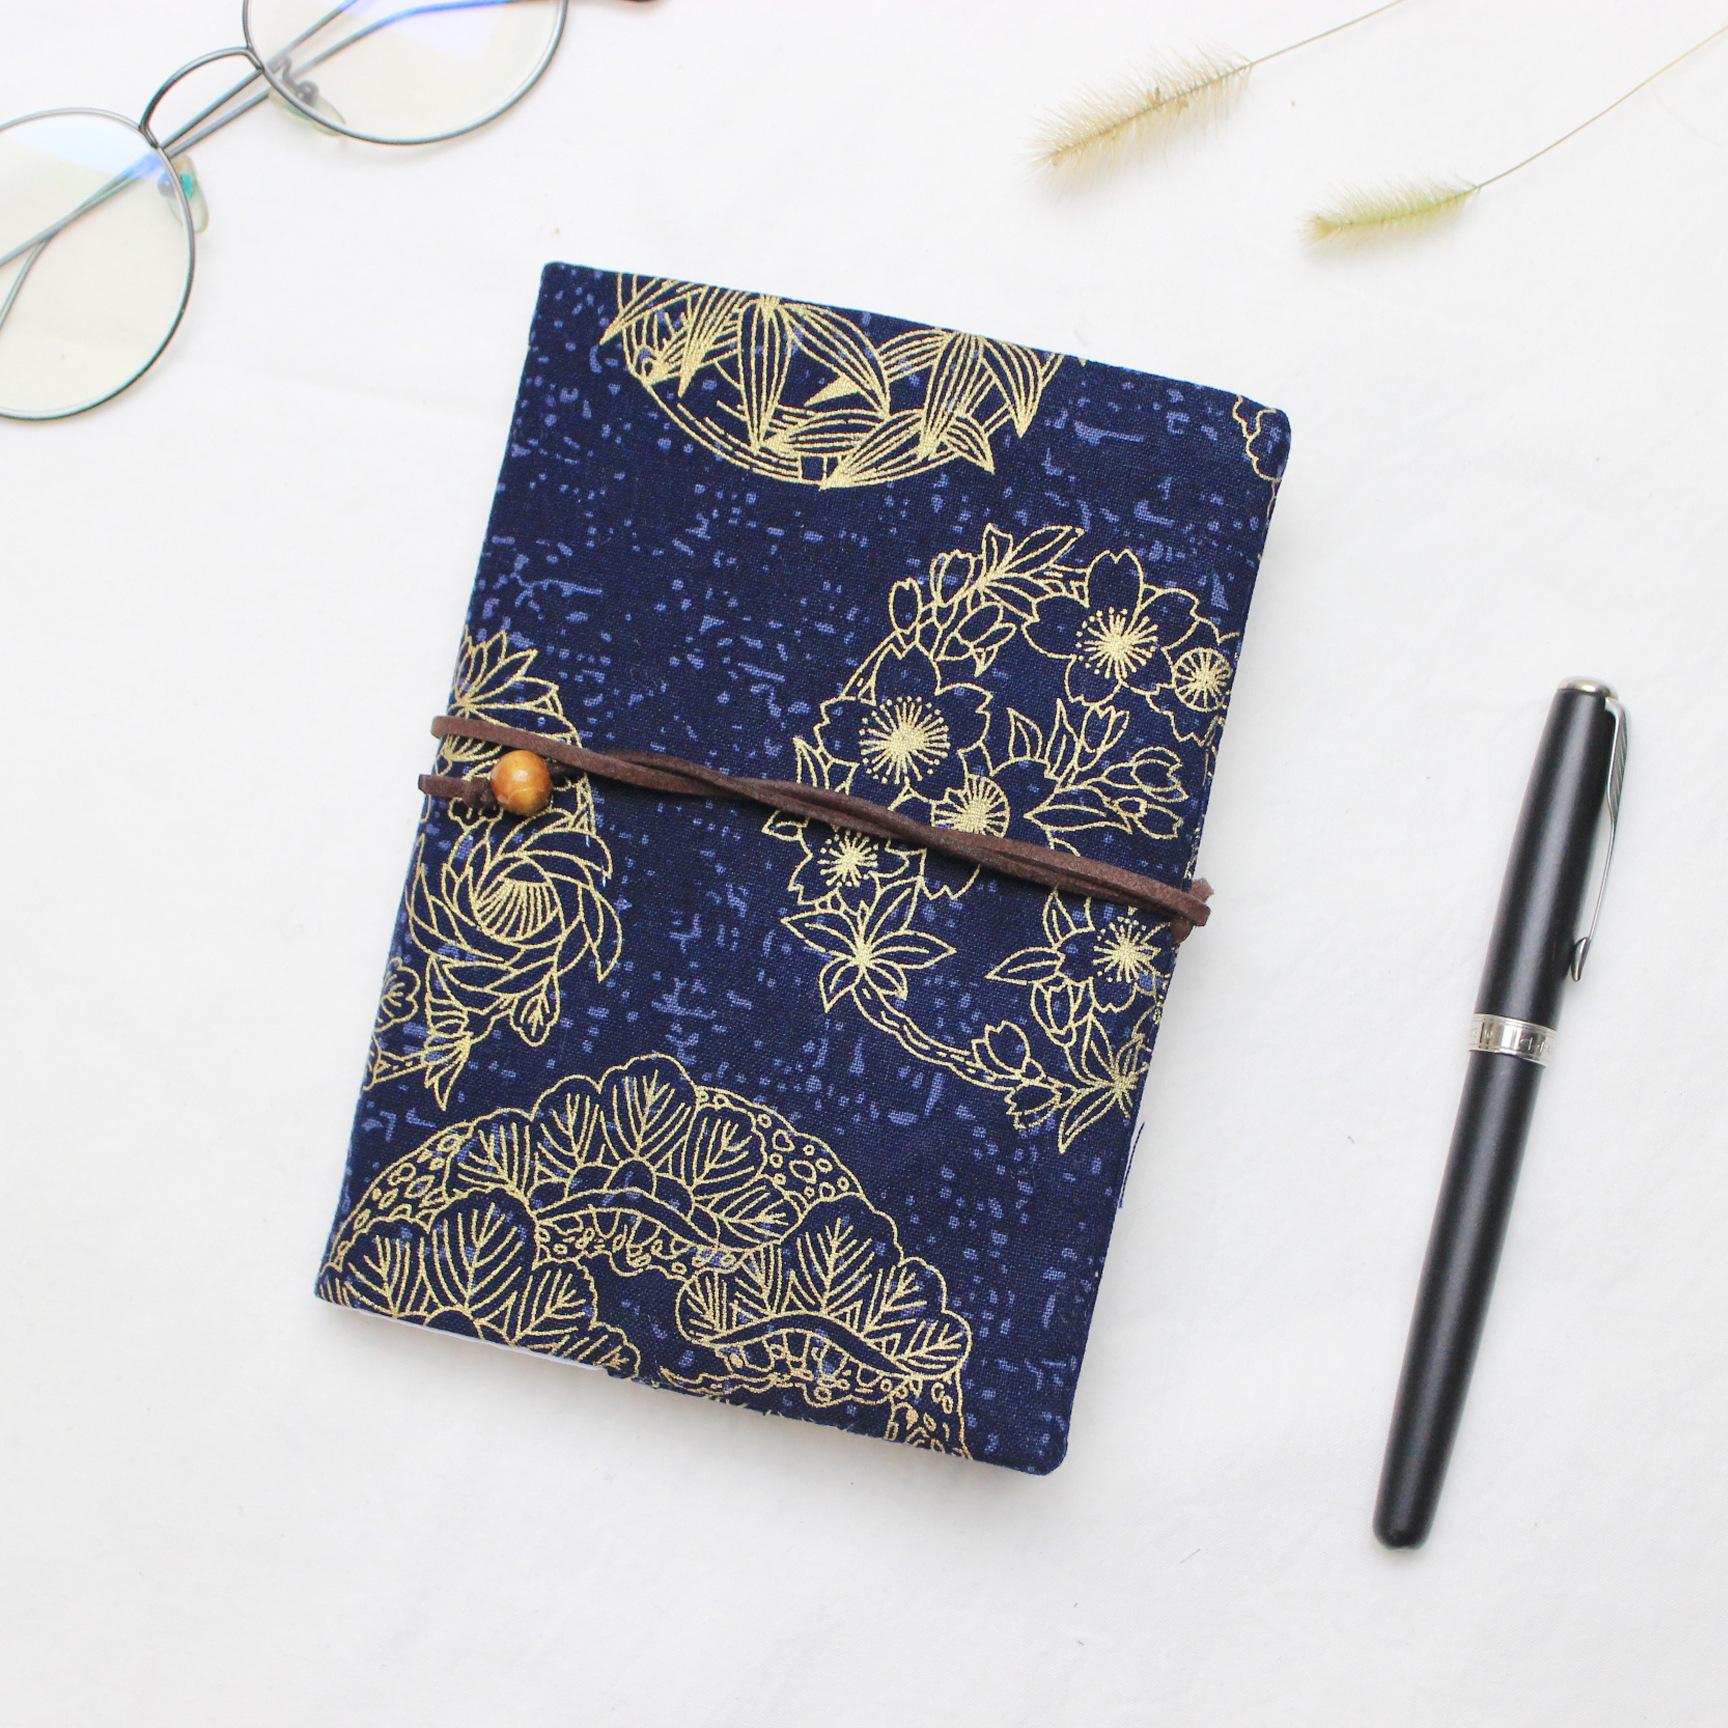 Retro Totem Handmade Cloth Book Cover Notebook Cloth Book Cover Hand Account A5A6 Adjustable Book Jacket 0